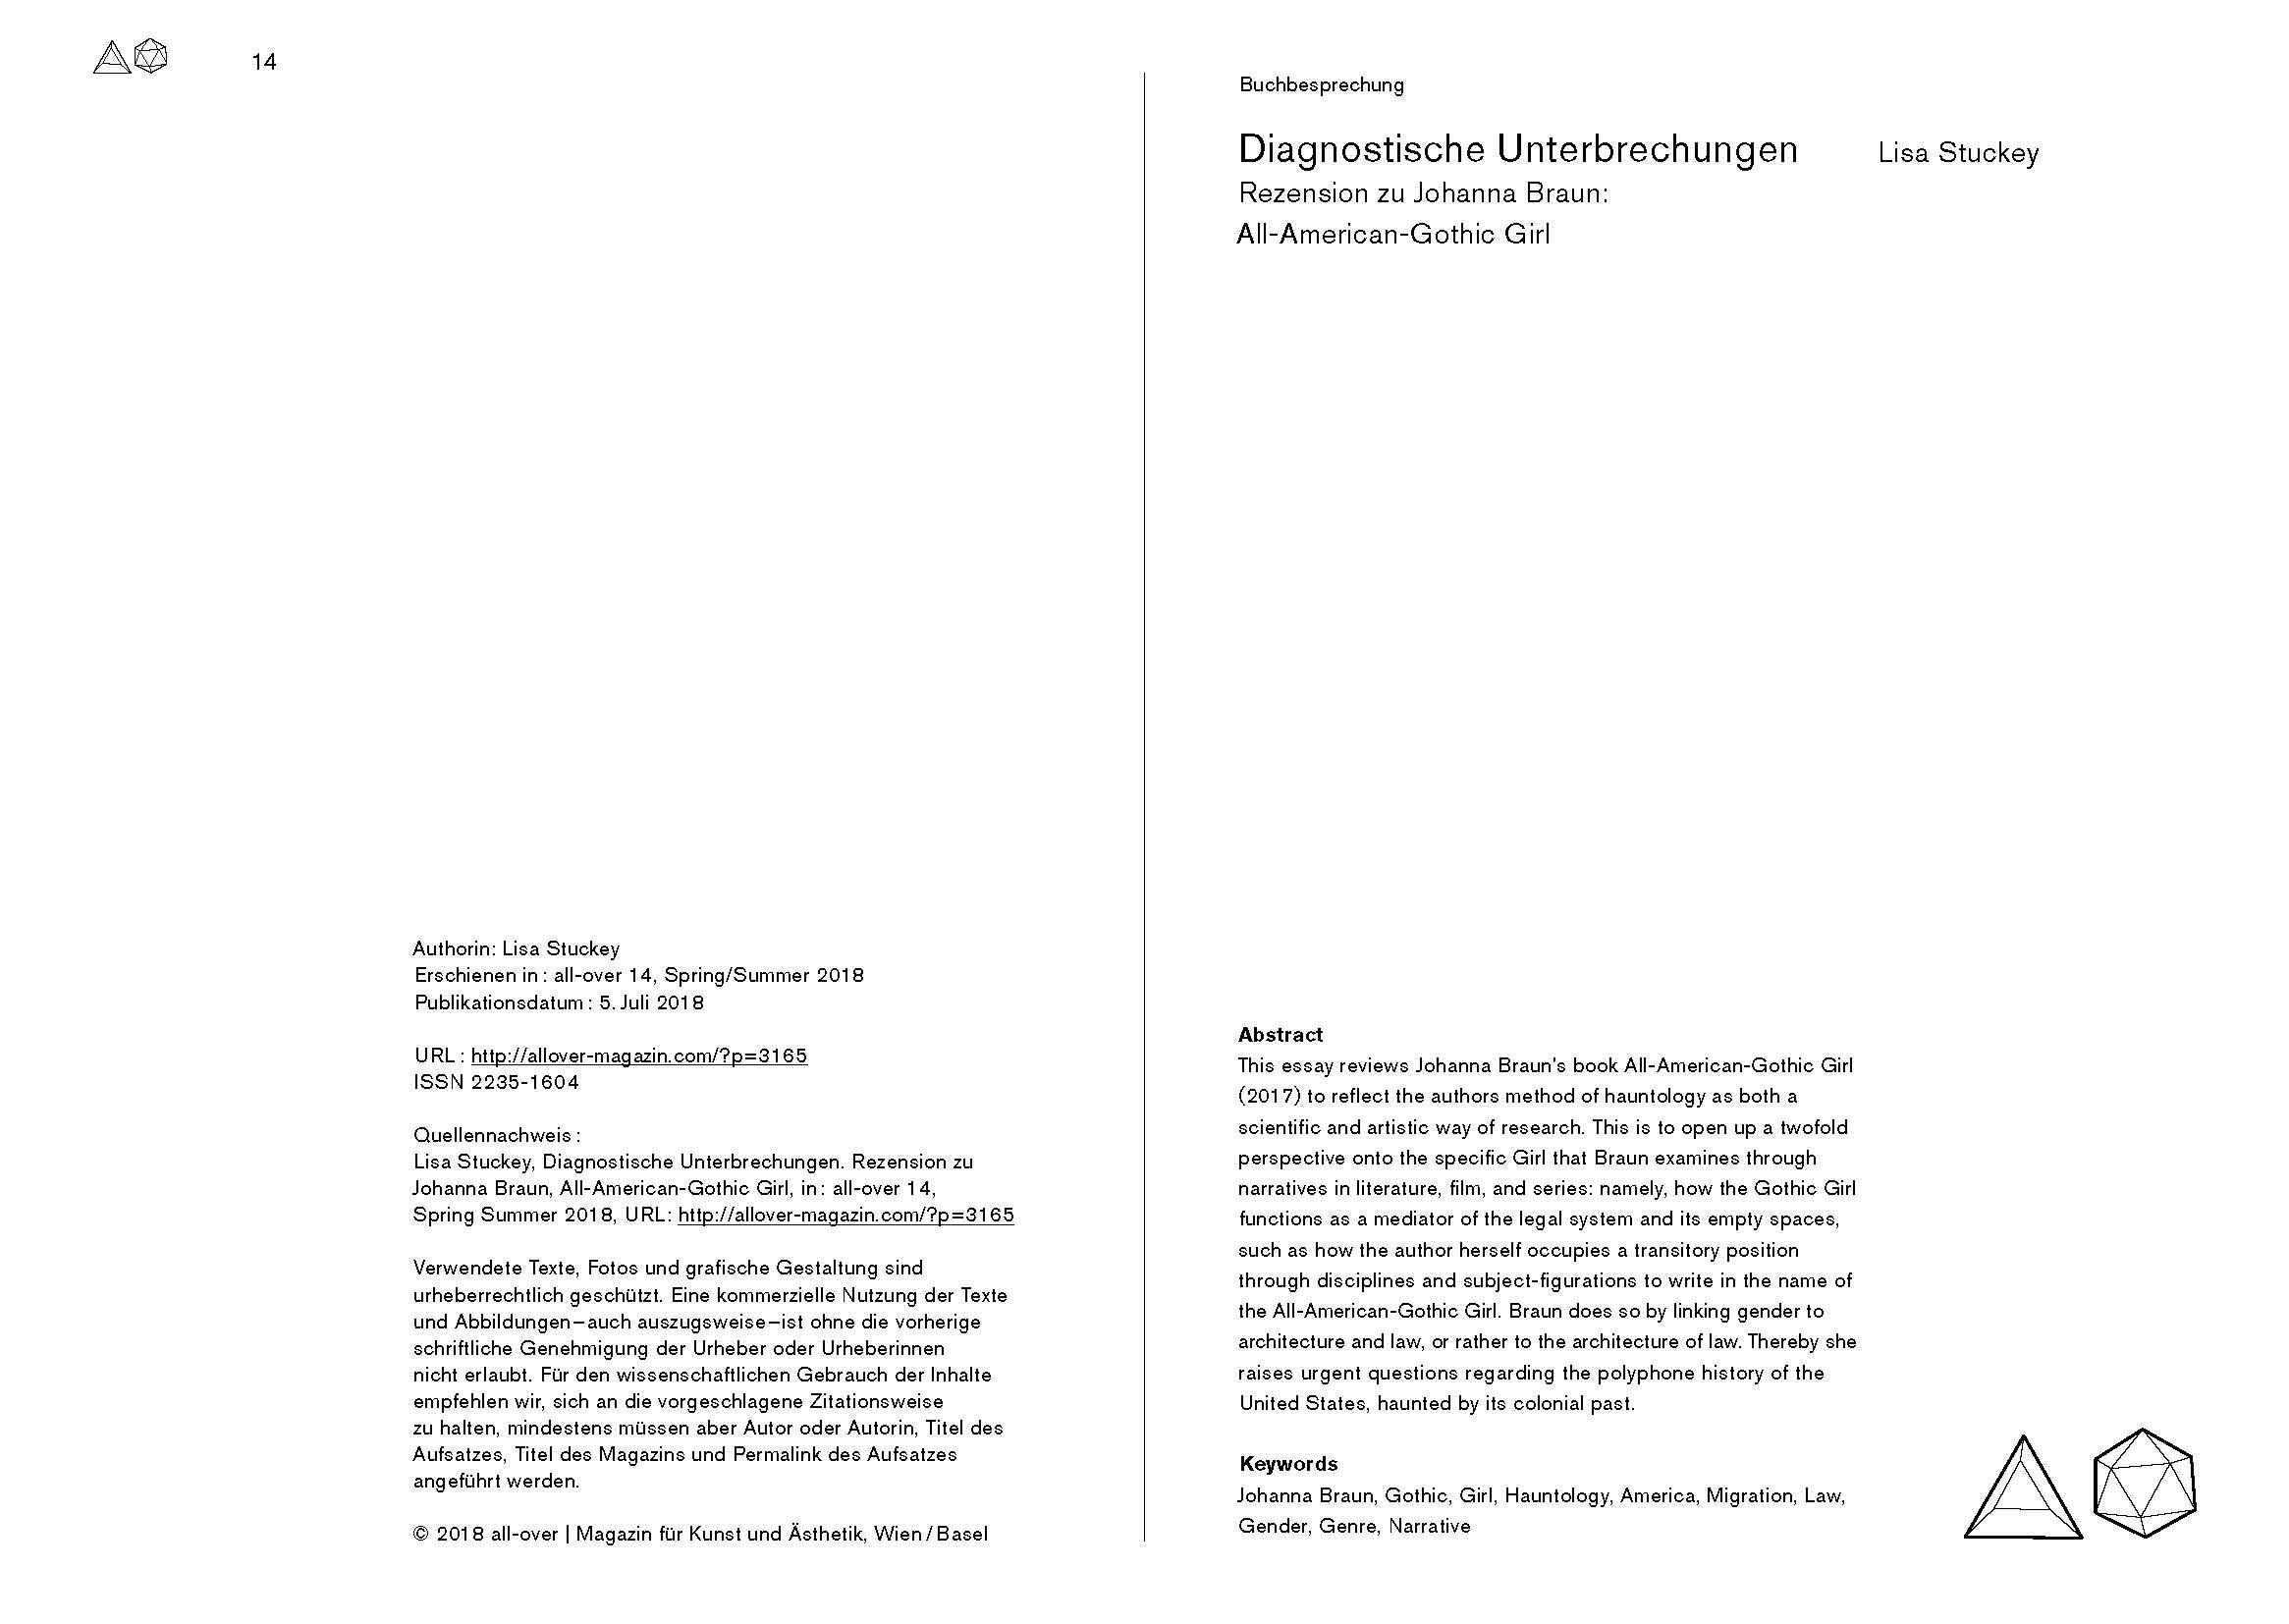 Lisa-Stuckey-Diagnostische-Unterbrechungen-all-over-14._Seite_1.jpg